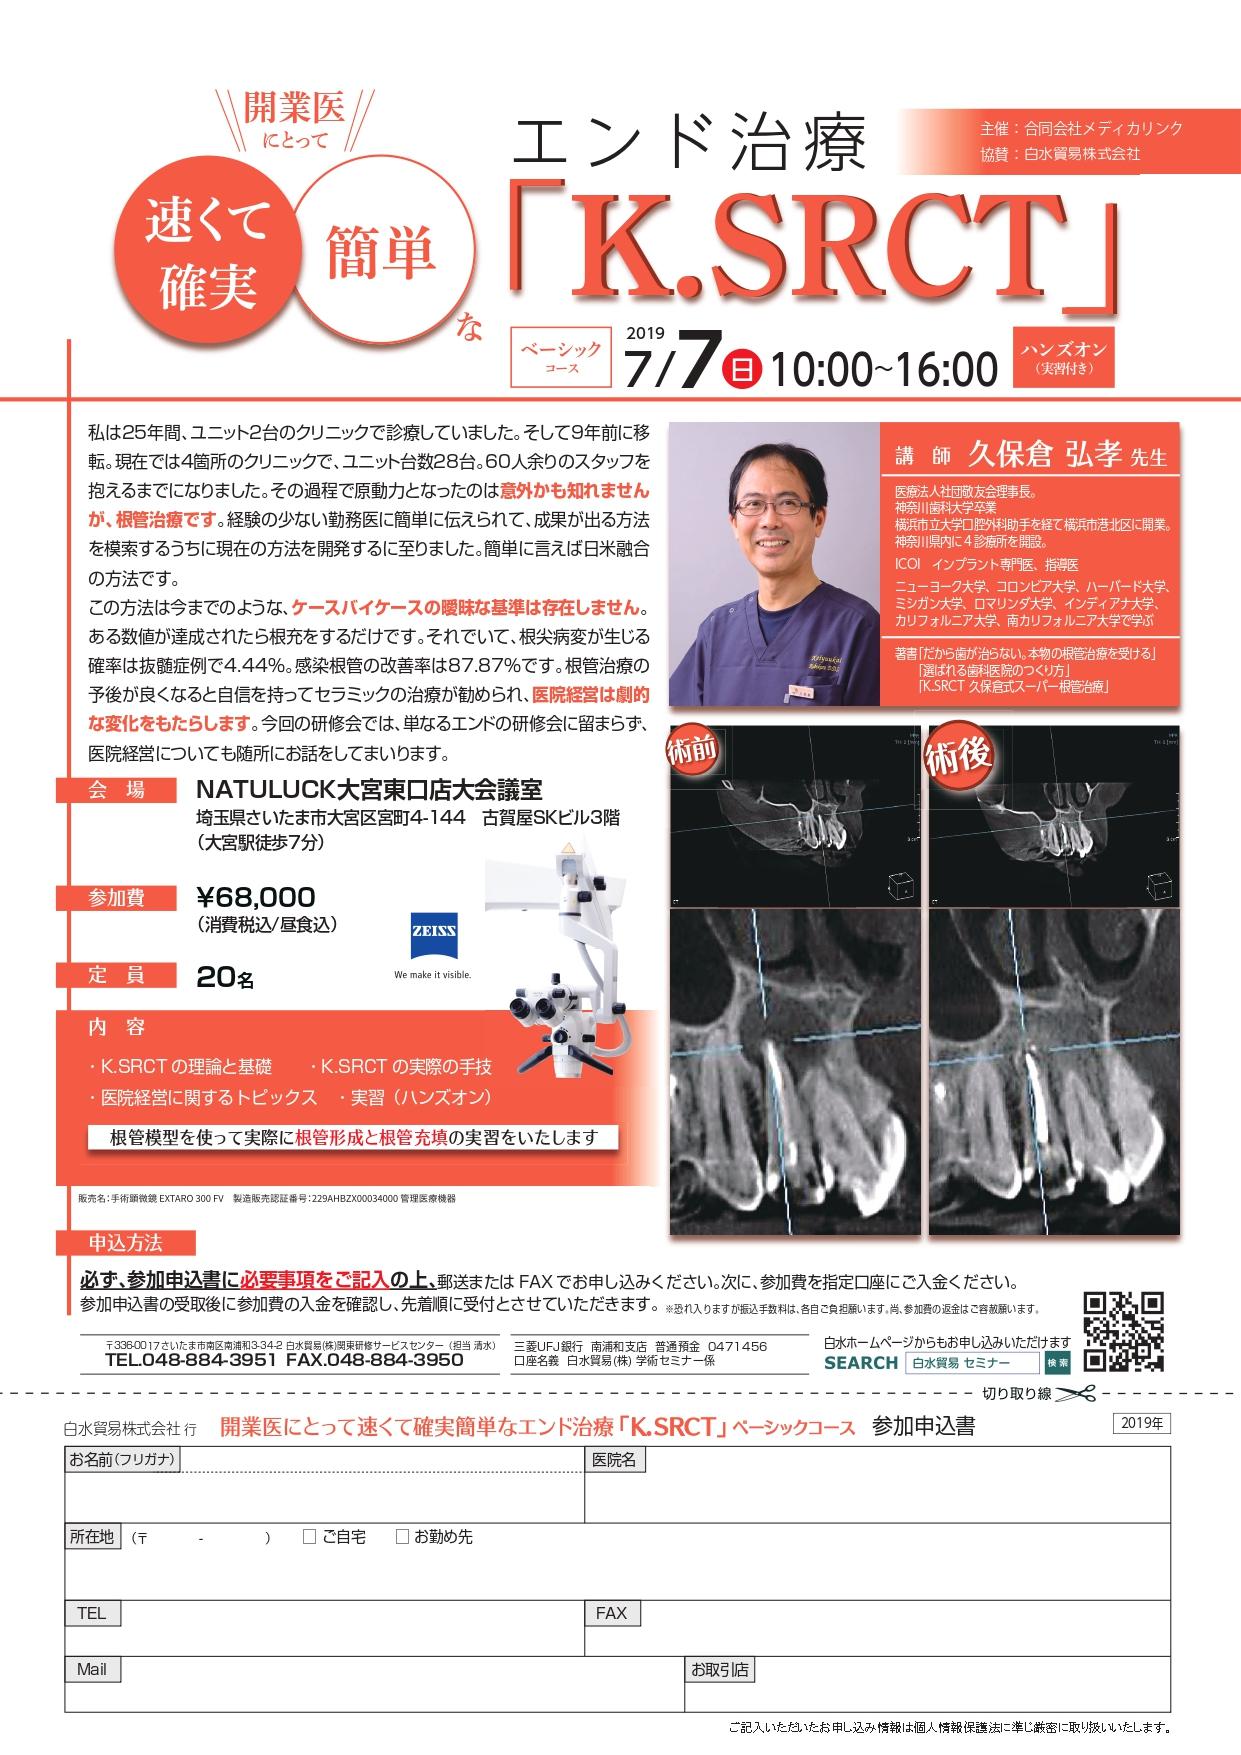 開業医にとって速くて確実簡単なエンド治療「K.SRCT」ベーシックコース